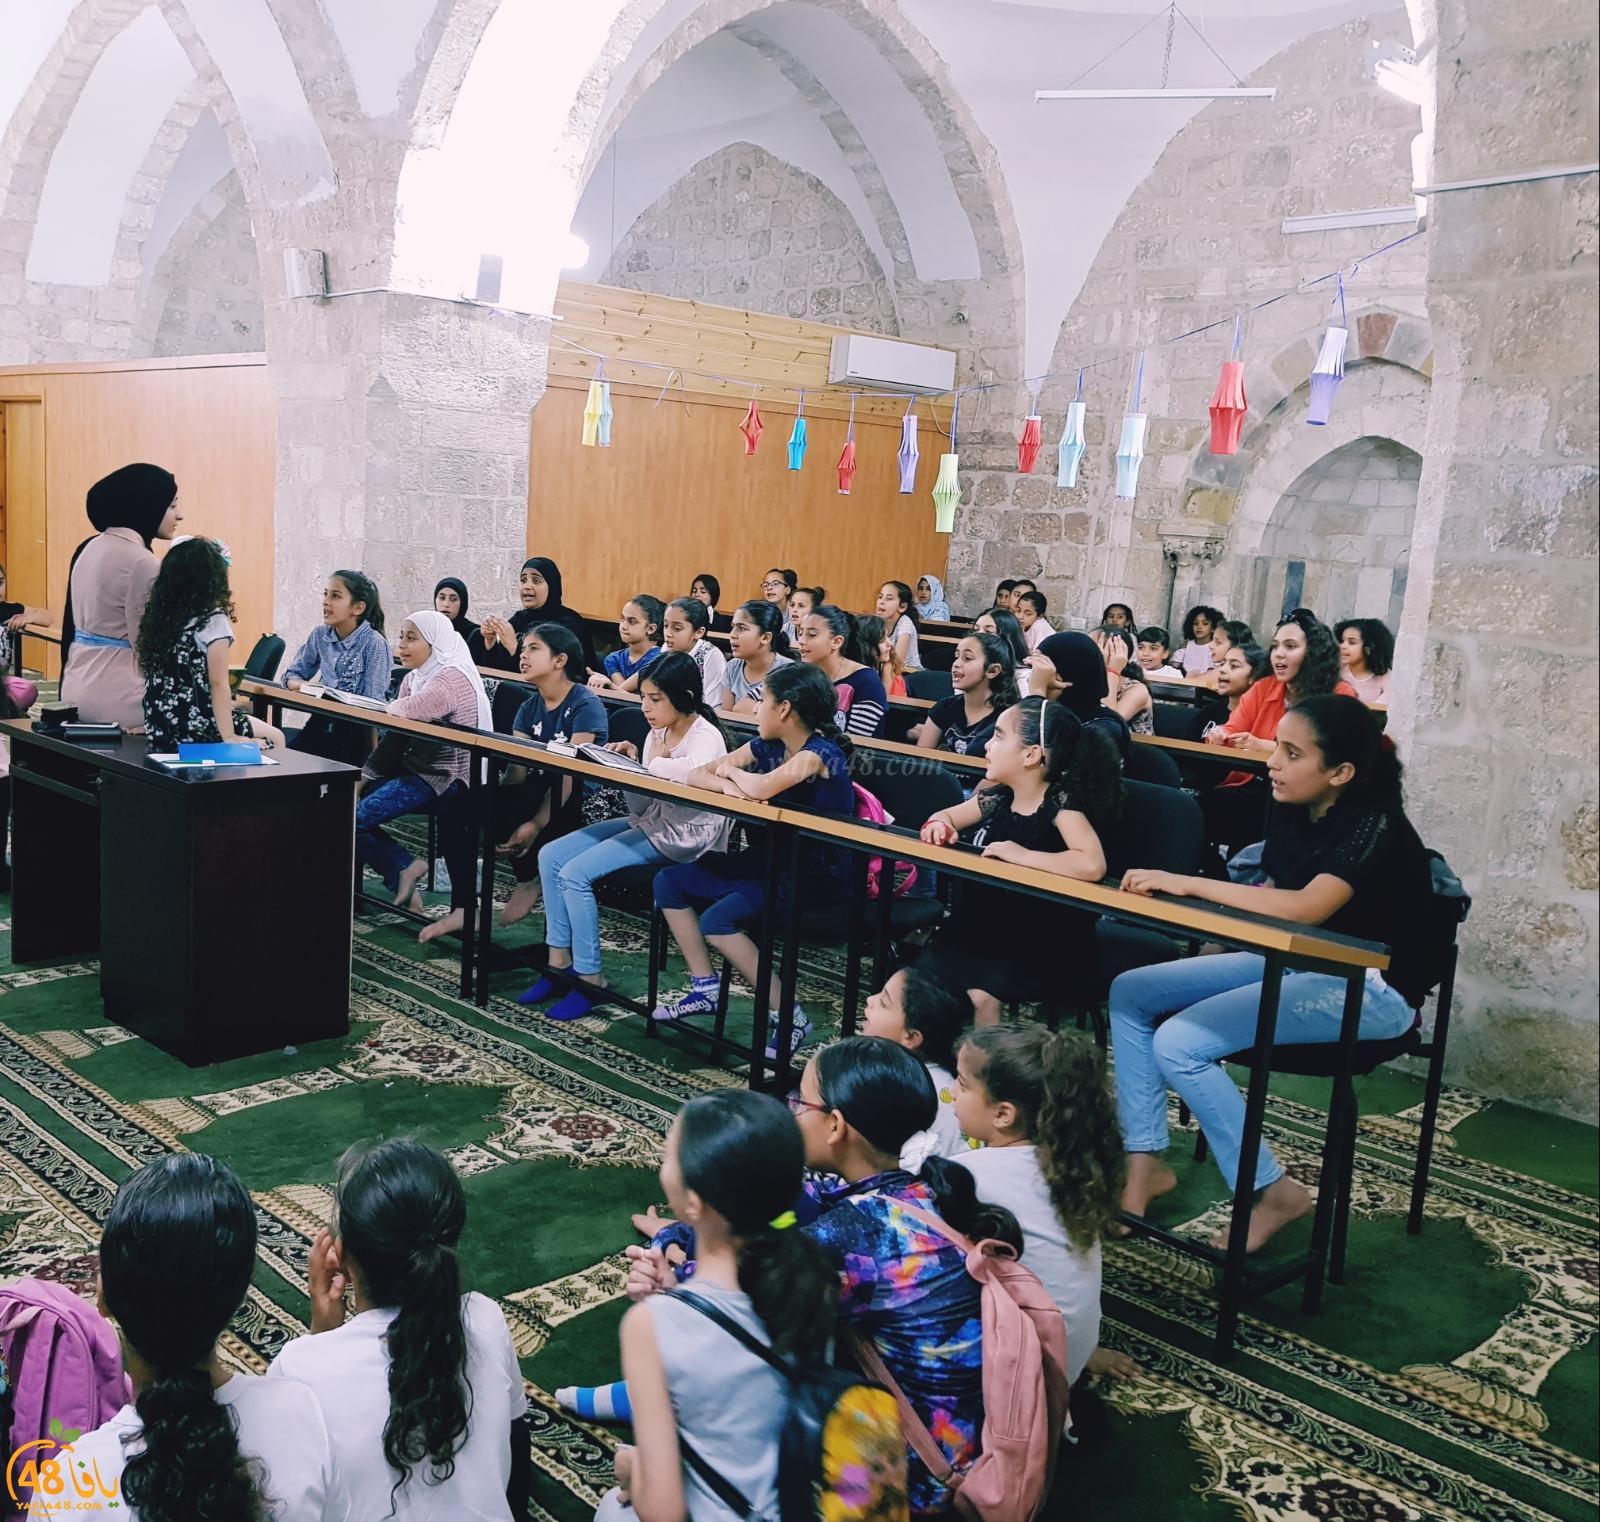 الرملة: افطار جماعي للفتيات الصغيرات في المركز الاسلامي الثقافي